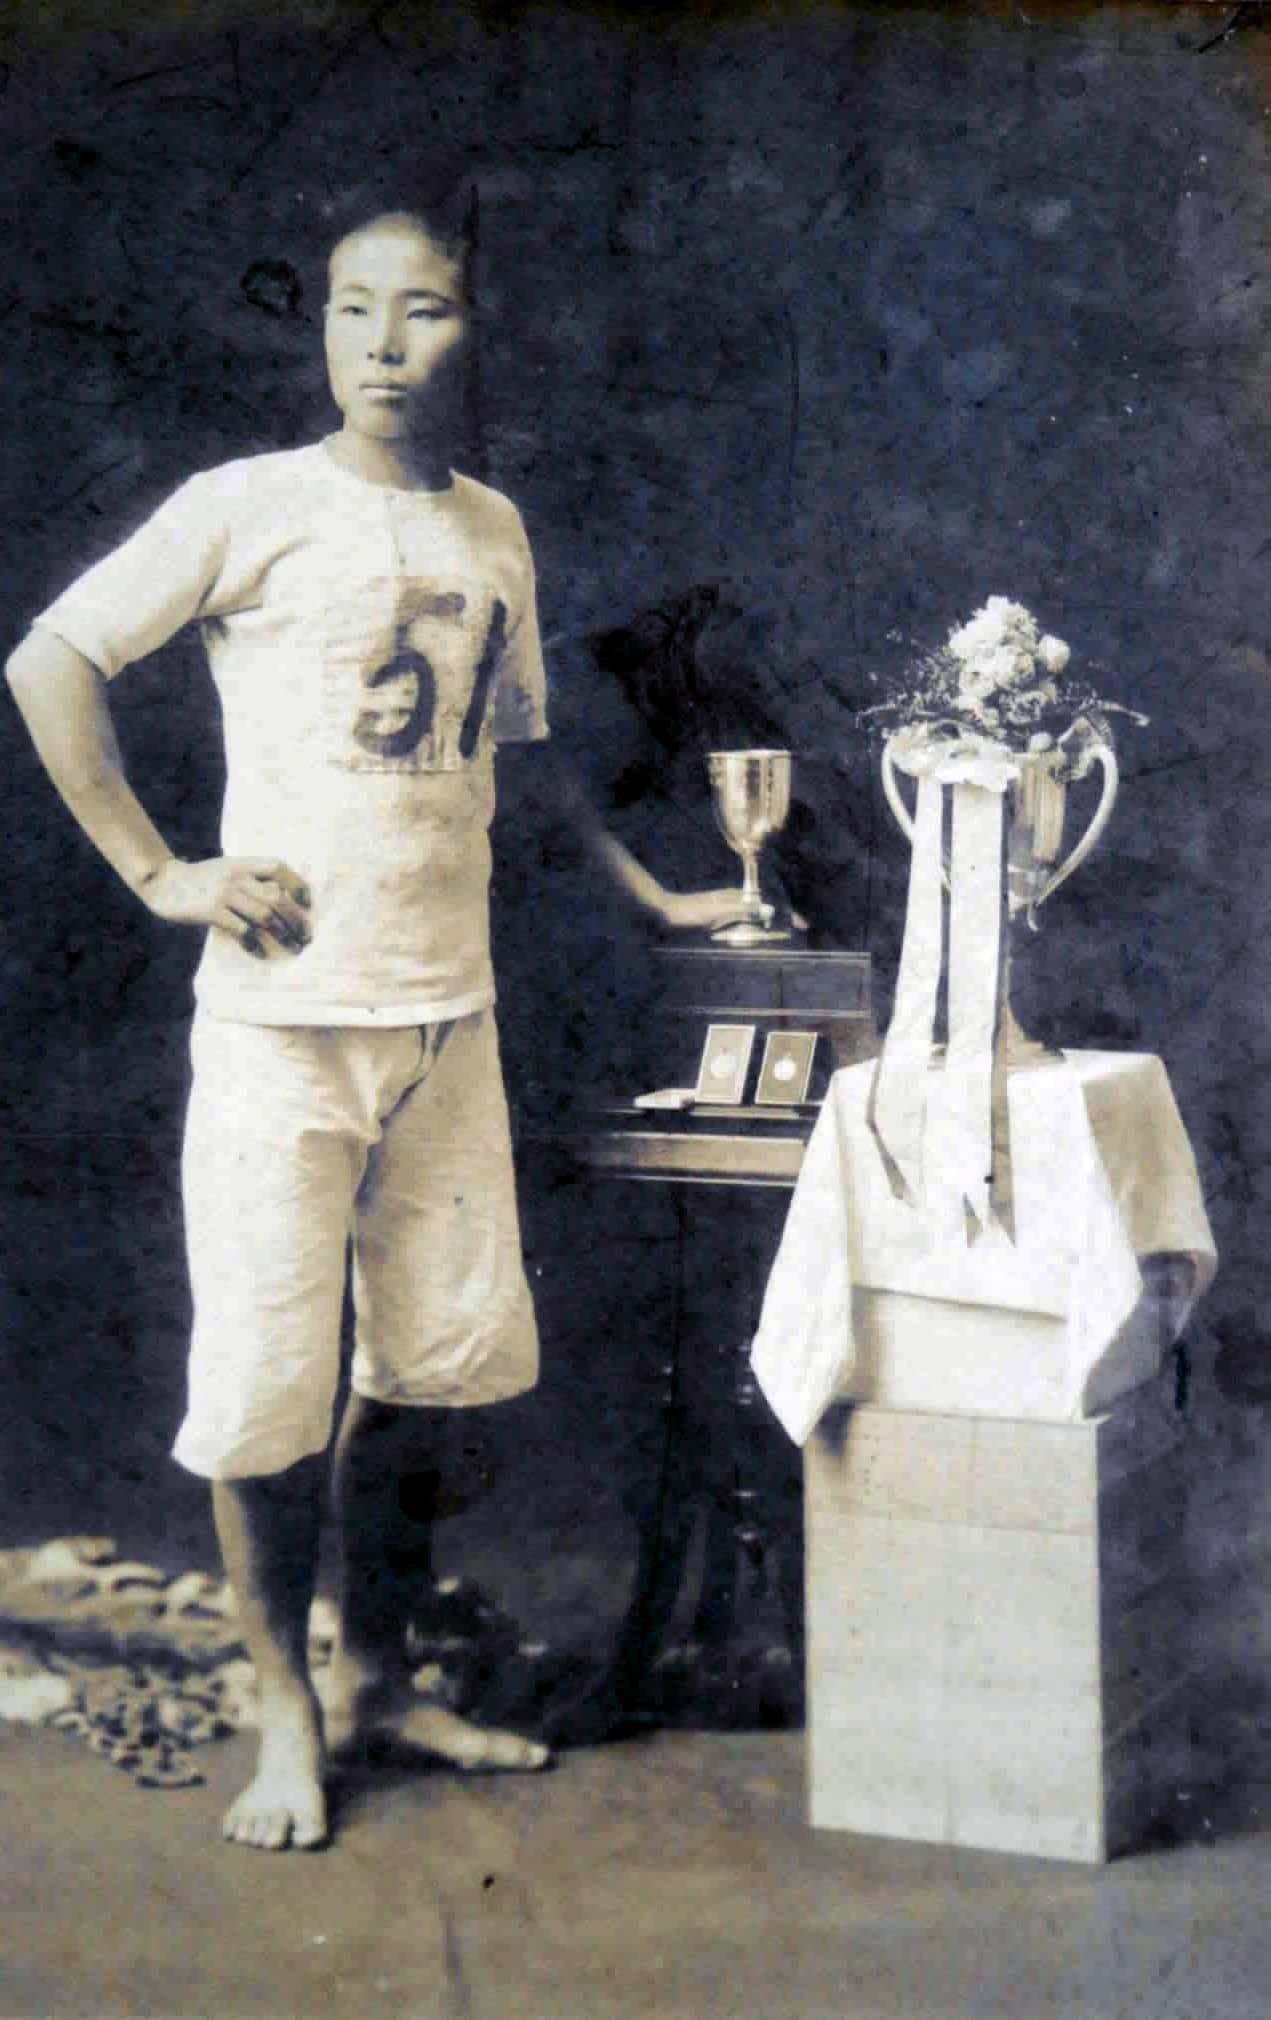 1911年のストックホルム五輪国内予選で優勝したときの金栗四三